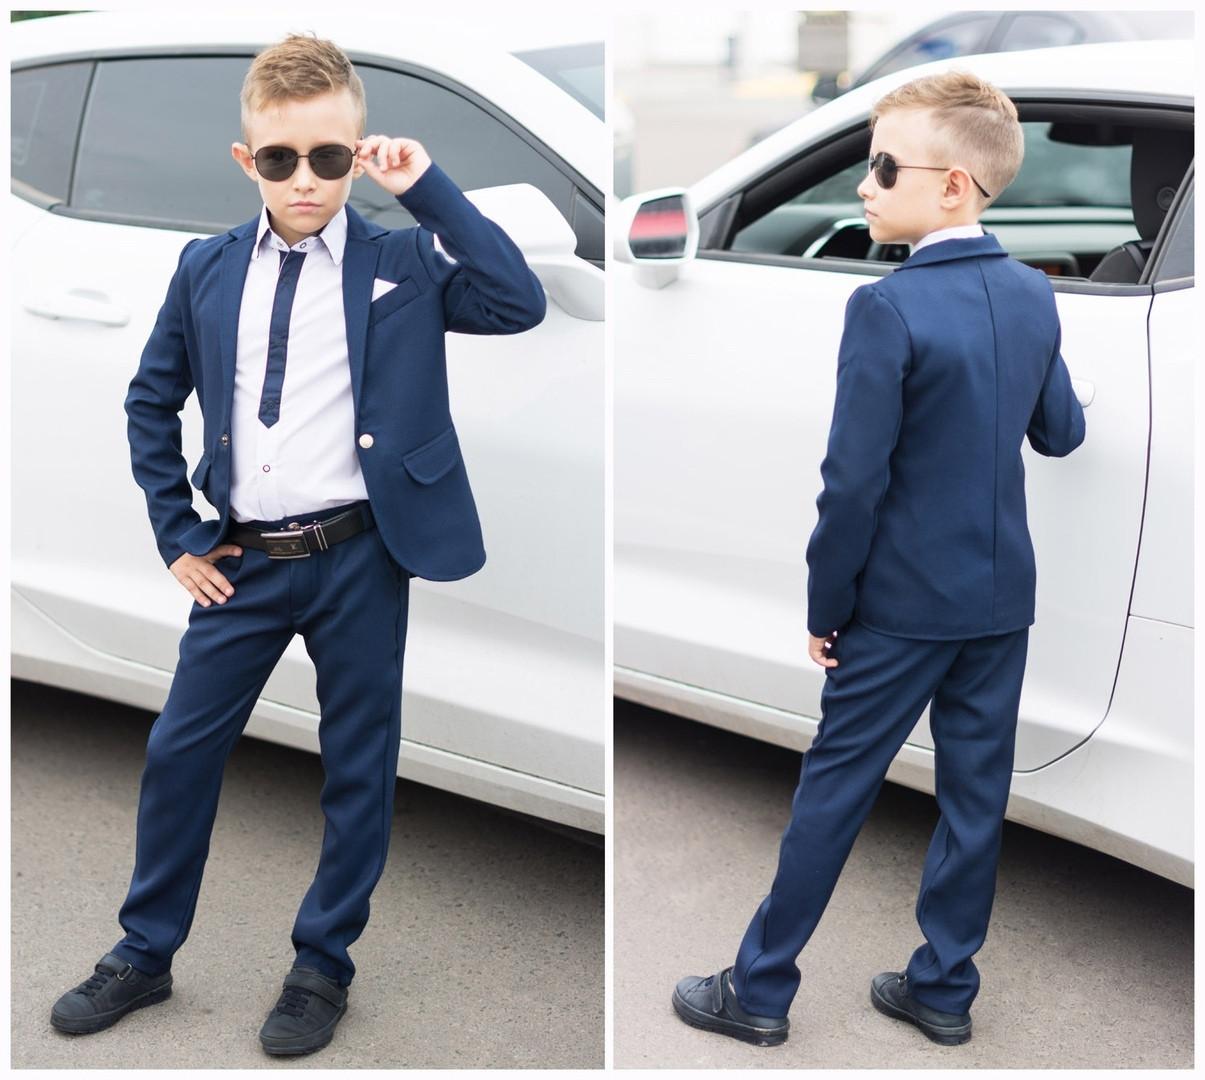 Стильний класичний дитячий костюм для хлопчика: піджак та штани зі структурної брючної тканини